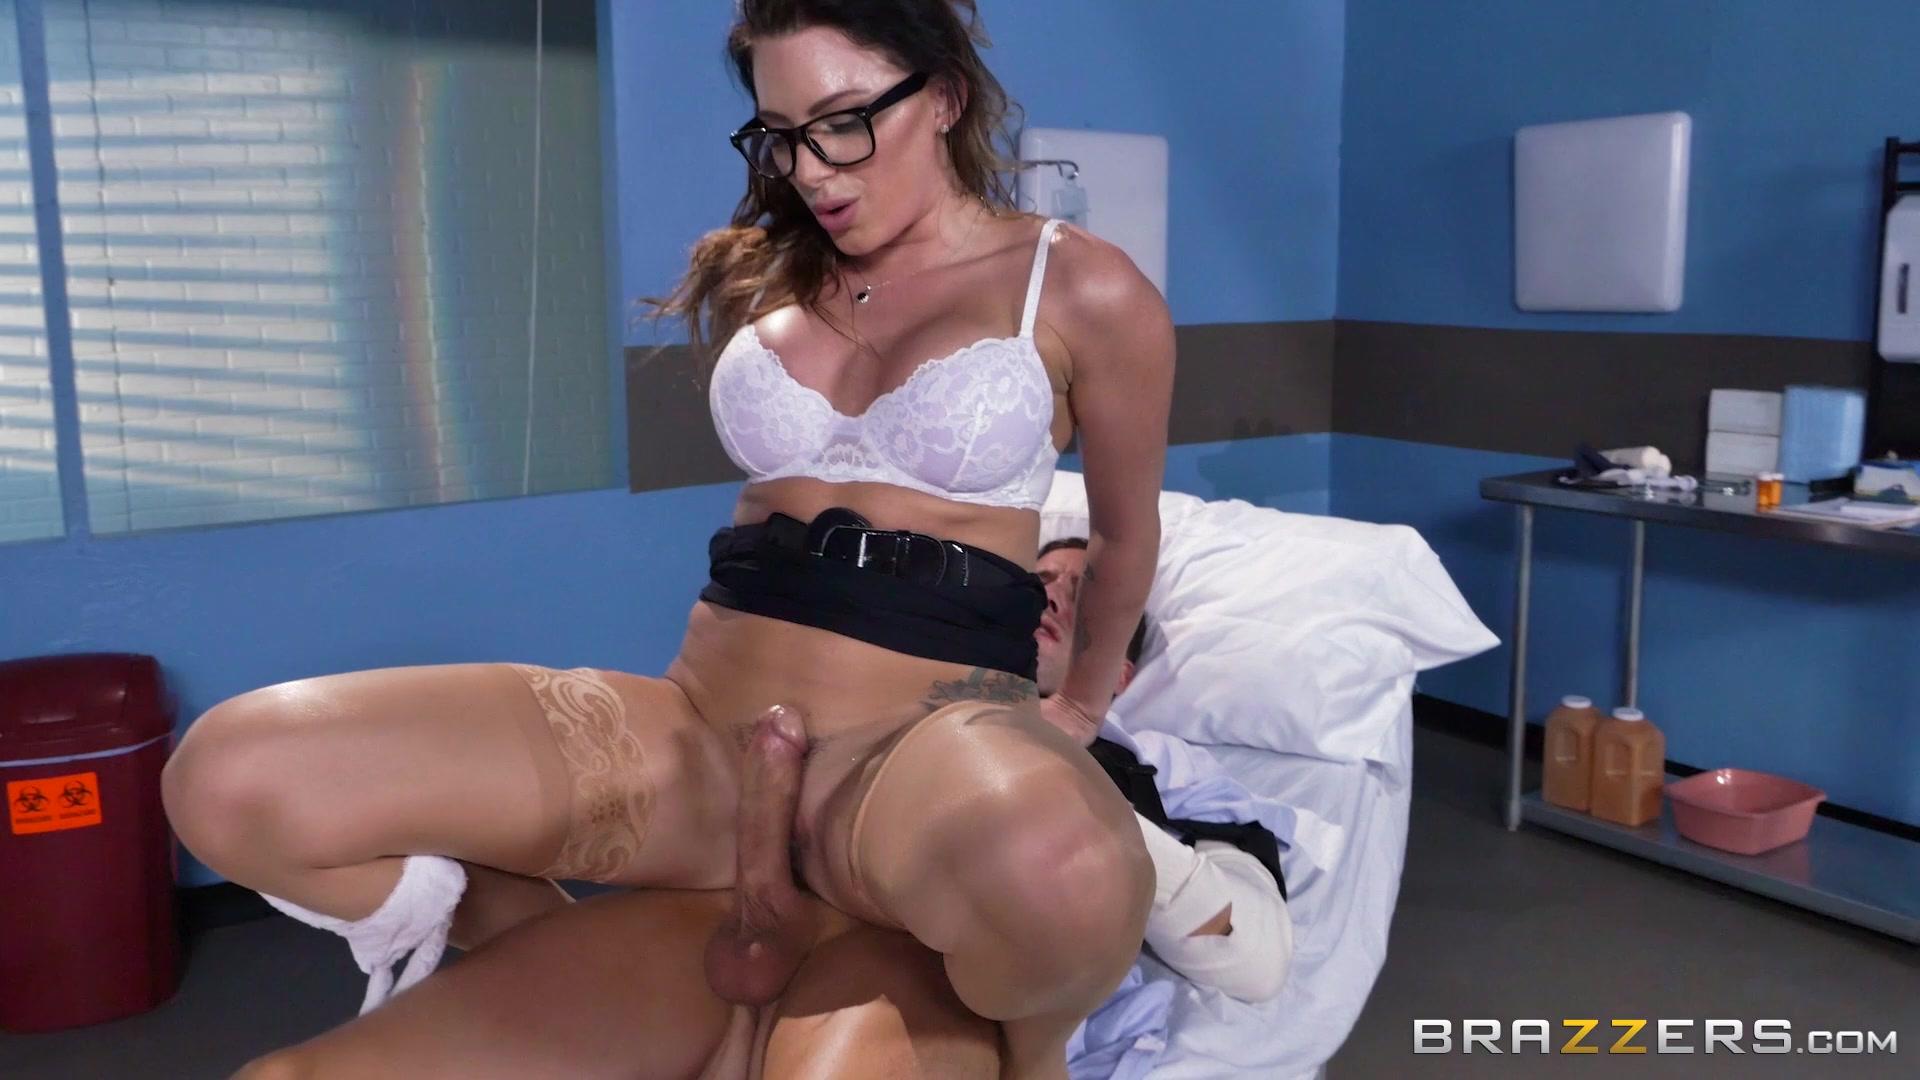 С красивое порно медсестрами hd онлайн в